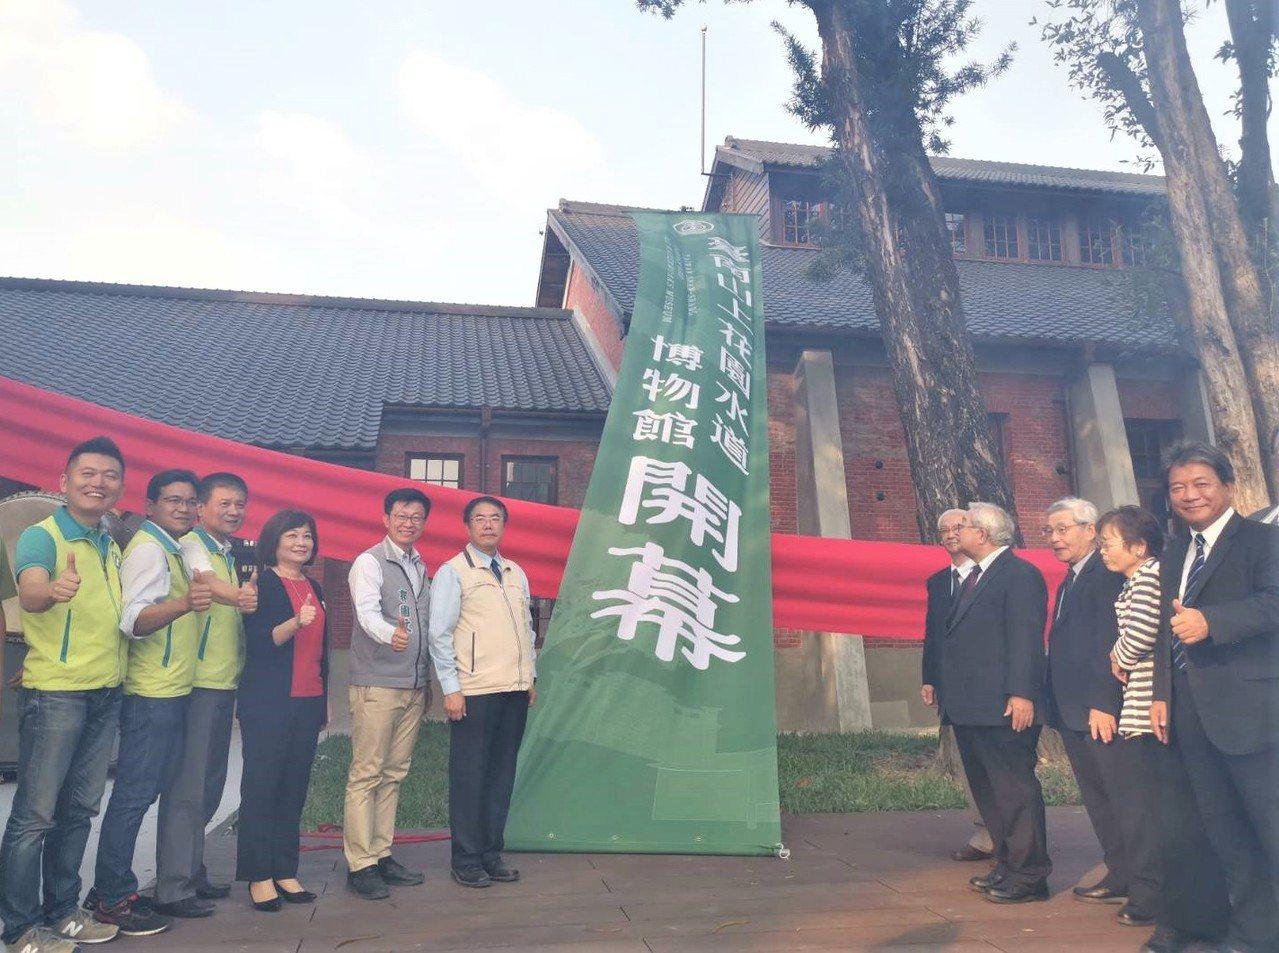 台南市長黃偉哲 (左六)主持台南山上花園水道博物館開幕典禮。記者吳淑玲/攝影